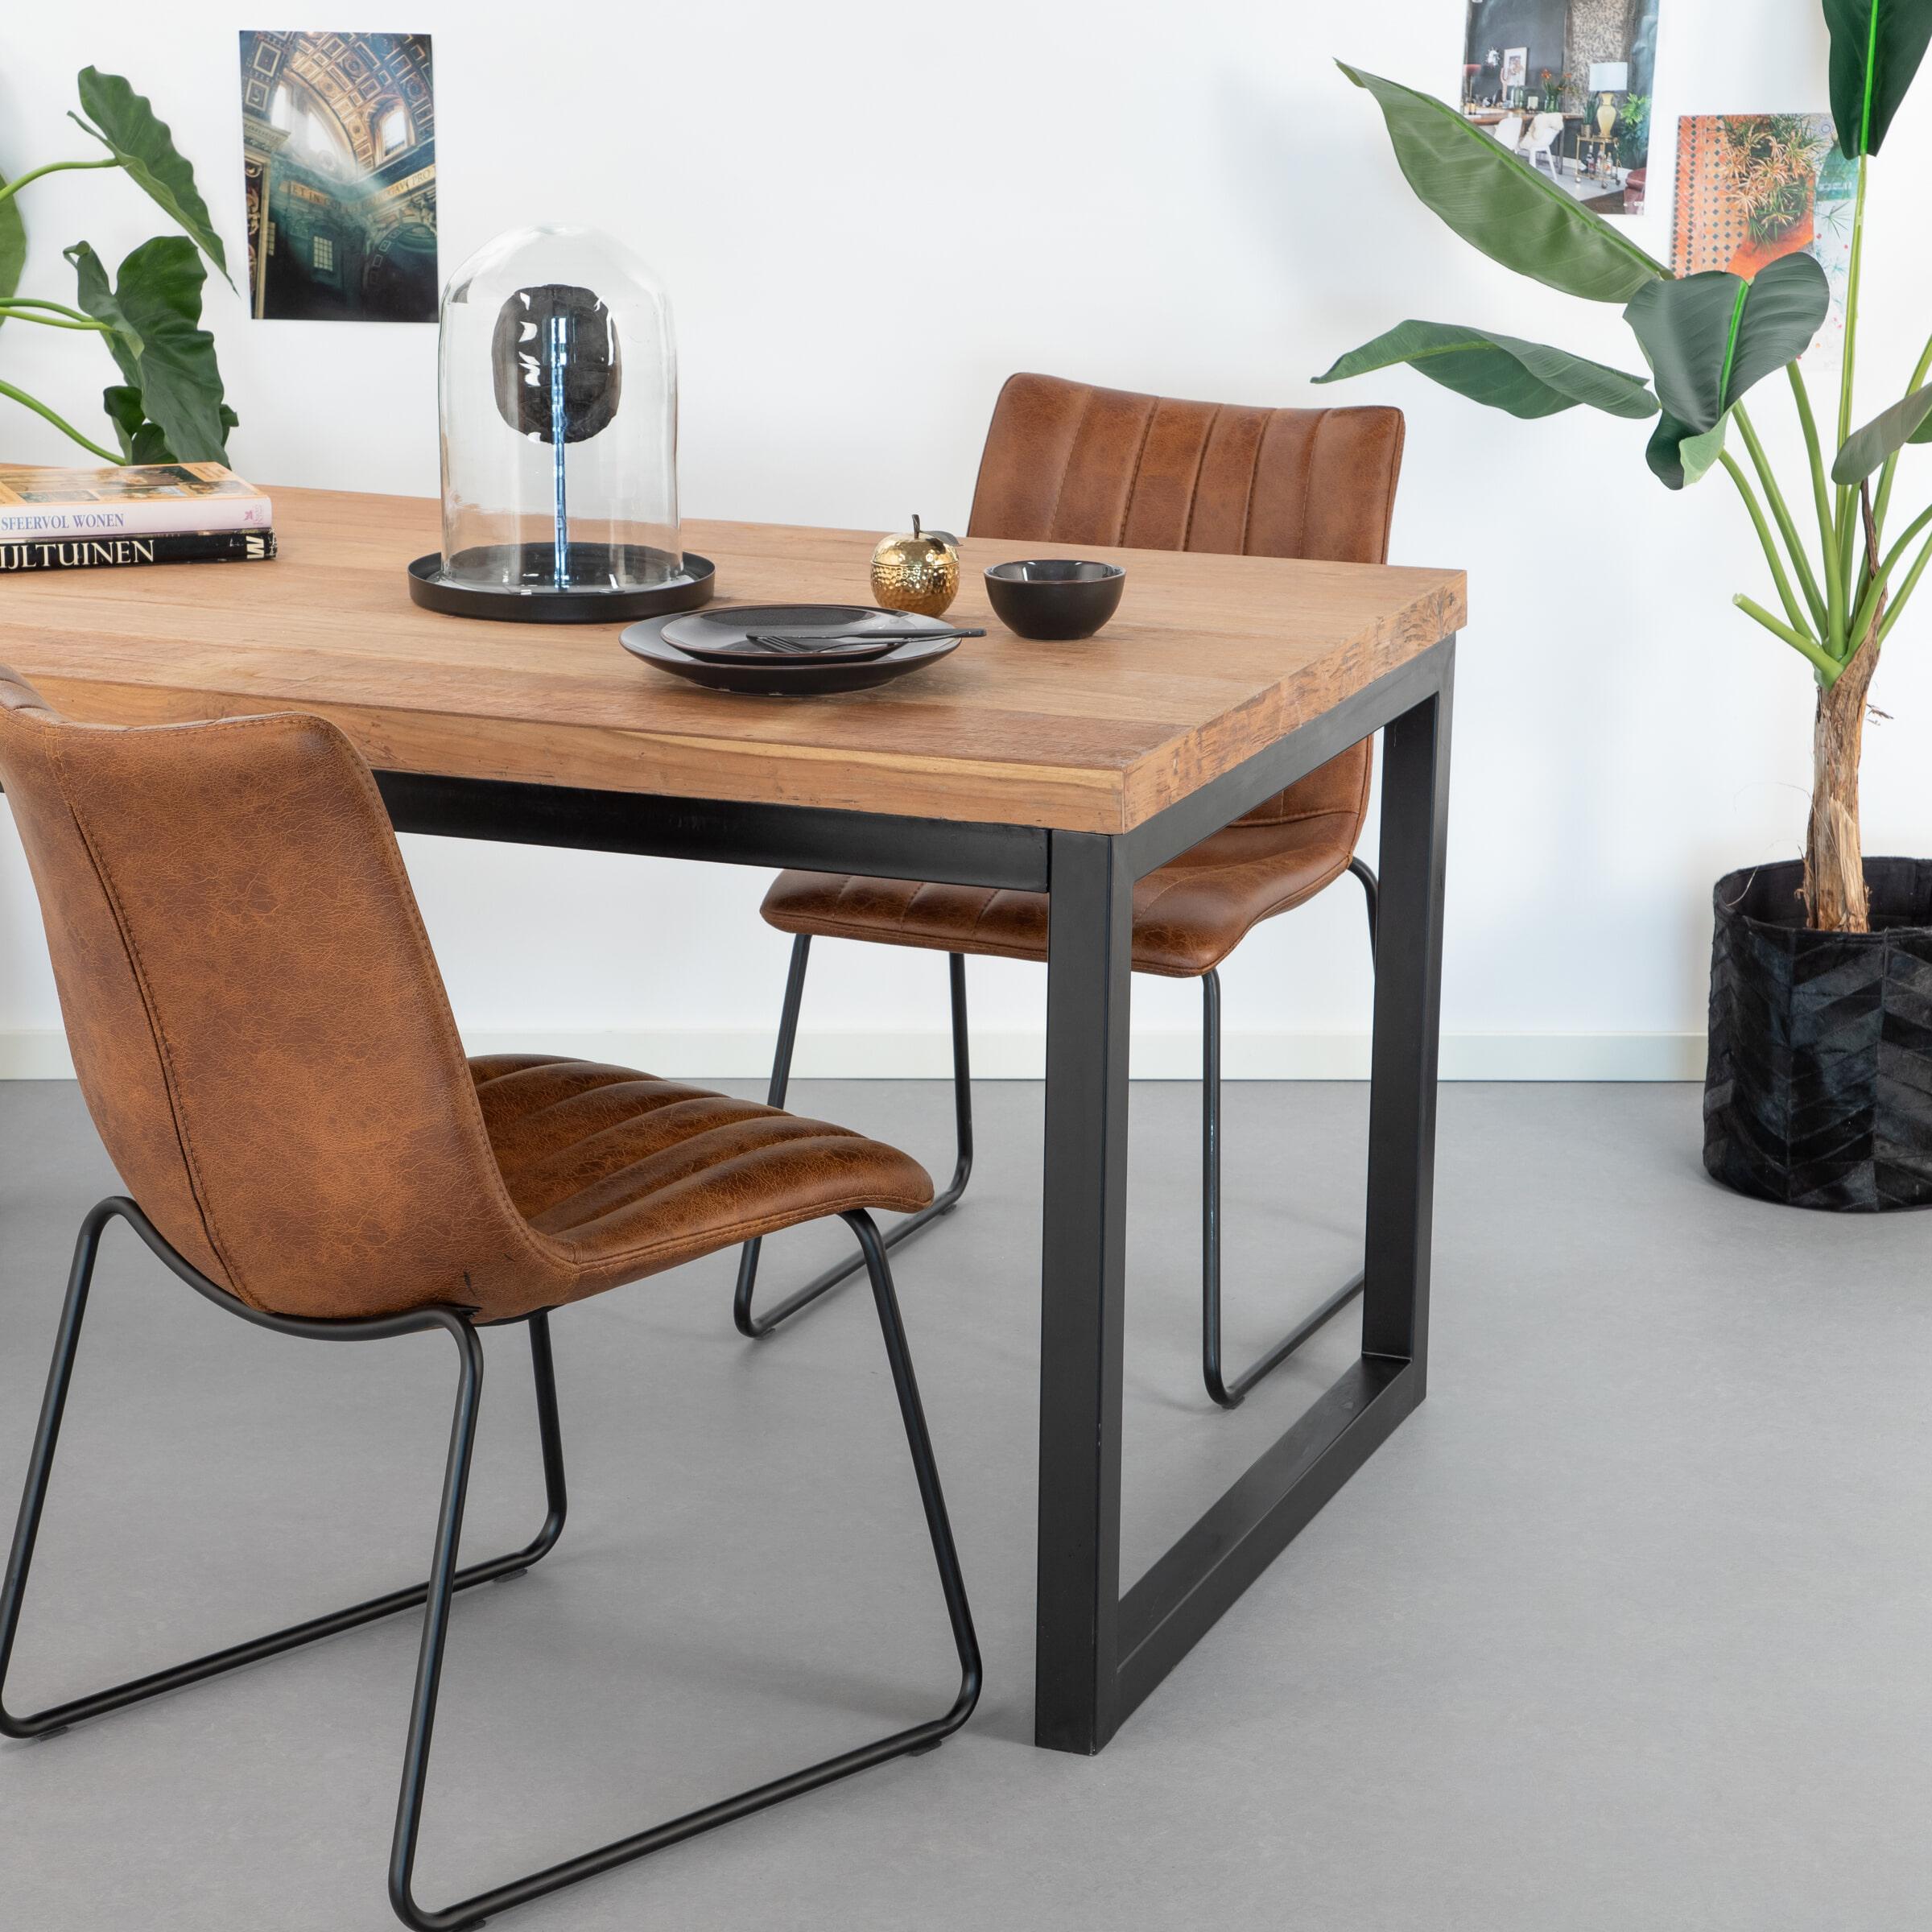 SoHome Eettafel 'Osvald' teak, 240 x 100cm Tafelblad van gerecycled teakhout, onderstel van zwart metaal aanschaffen? Kijk hier!